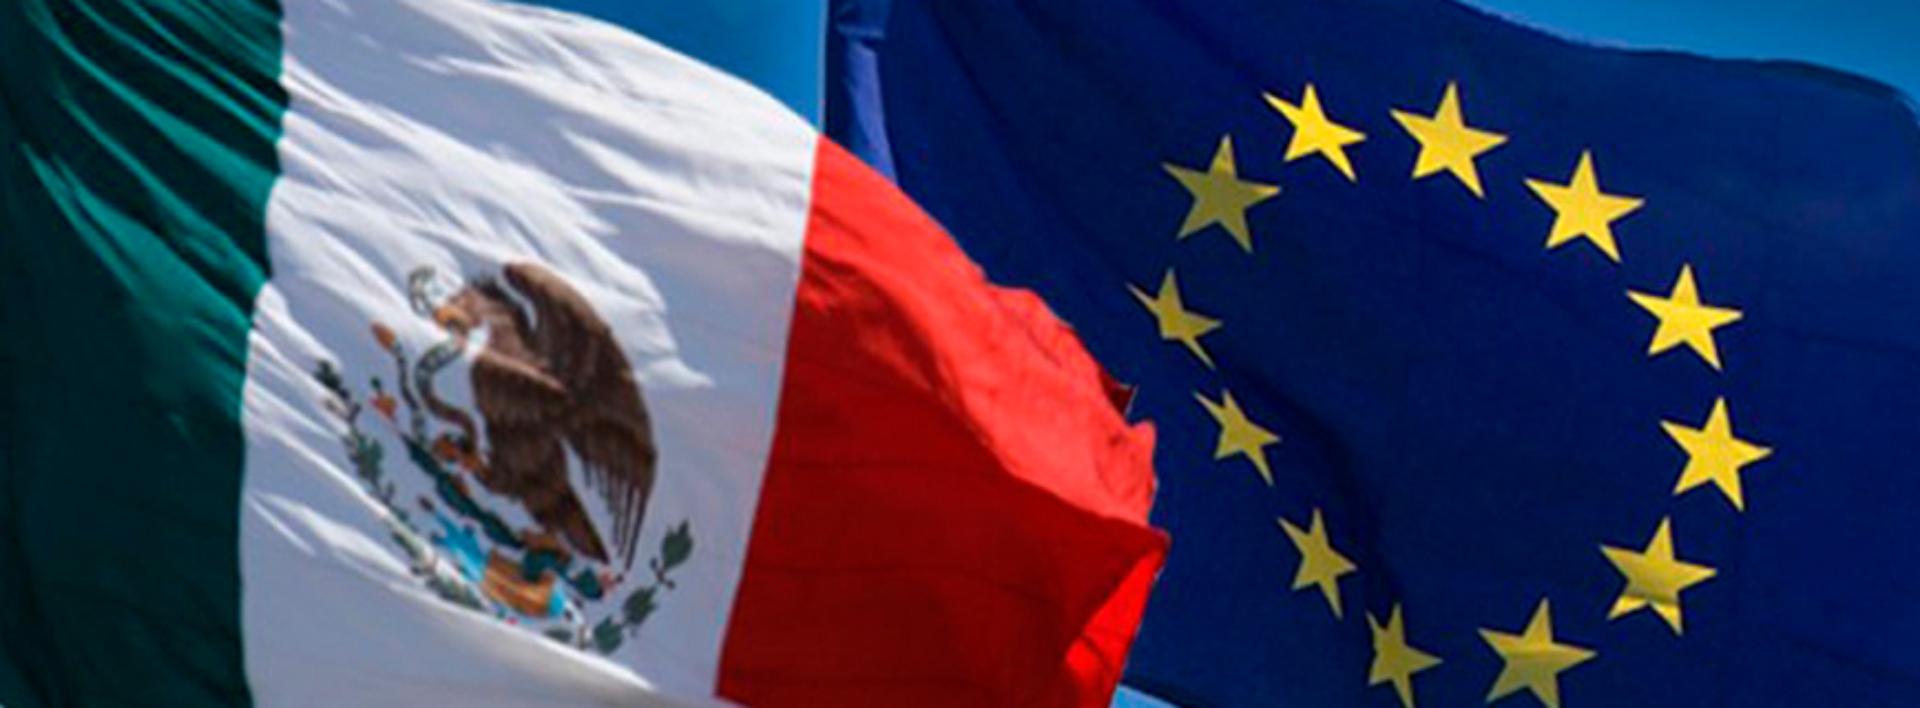 México y la Unión Europea concluyeron las negociaciones de TLCUEM que estaban pendientes desde junio del 2016. (Foto: Archivo)